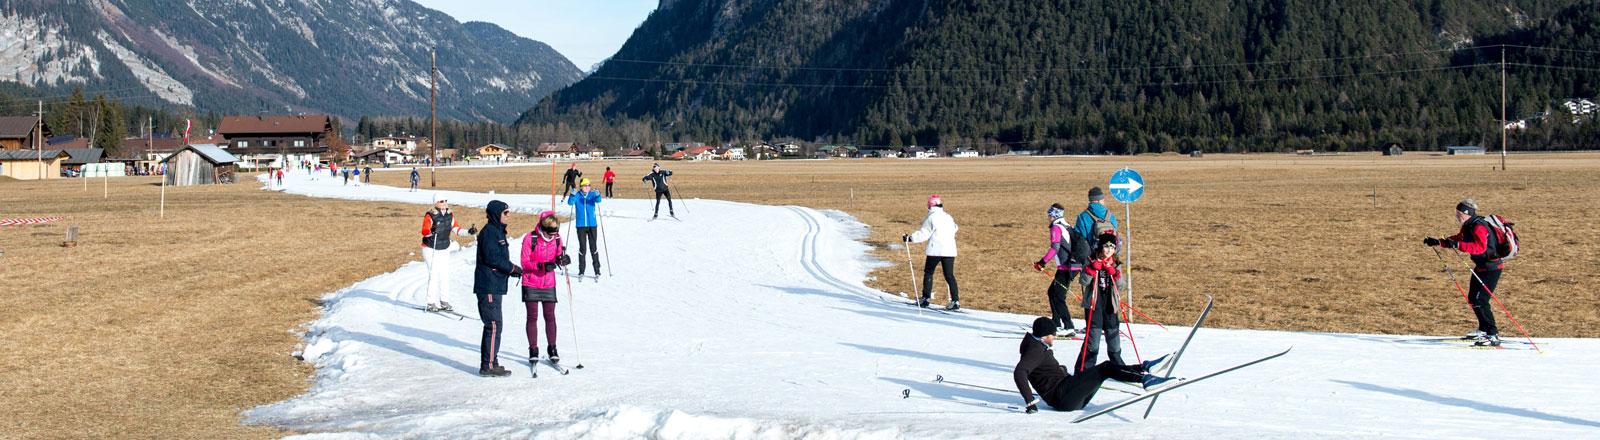 Folgen der Klimaerwärmung: Künstlich angelegtes Skigebiet in Tirol (Leutaschtal)